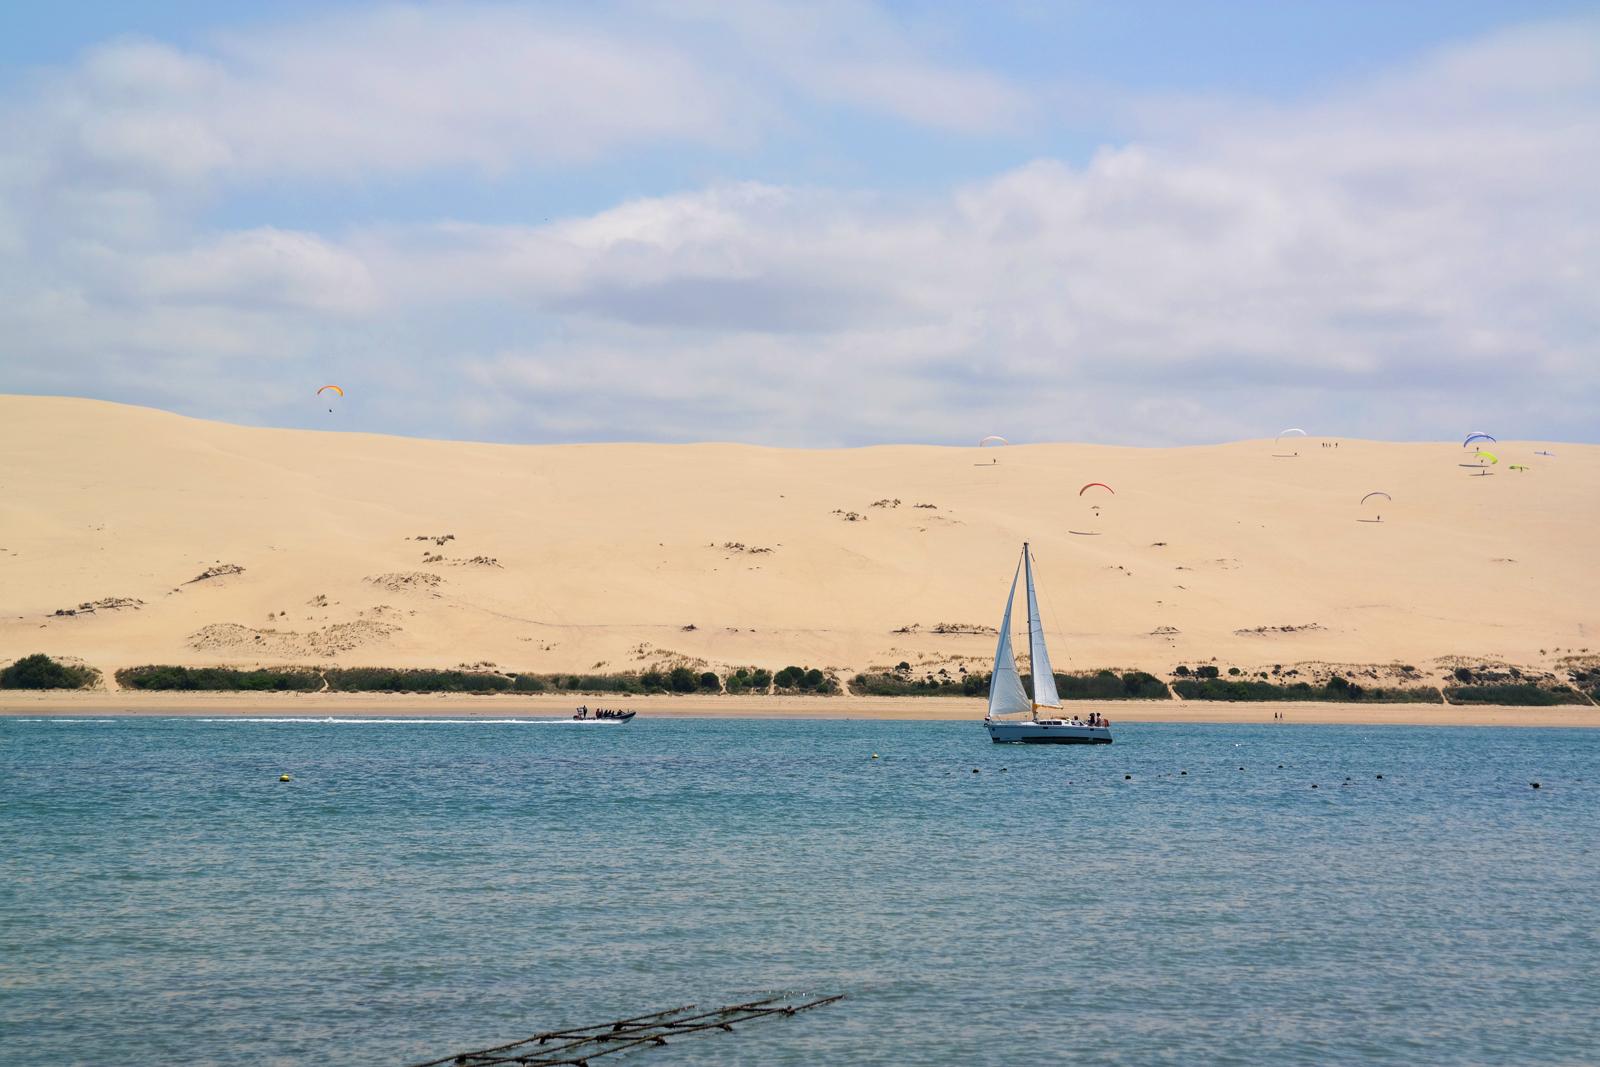 Vue sur la Dune du Pilat voilier et parapente Bassin d arcachon tourisme vacances sortie ostreiculture photo usofparis blog